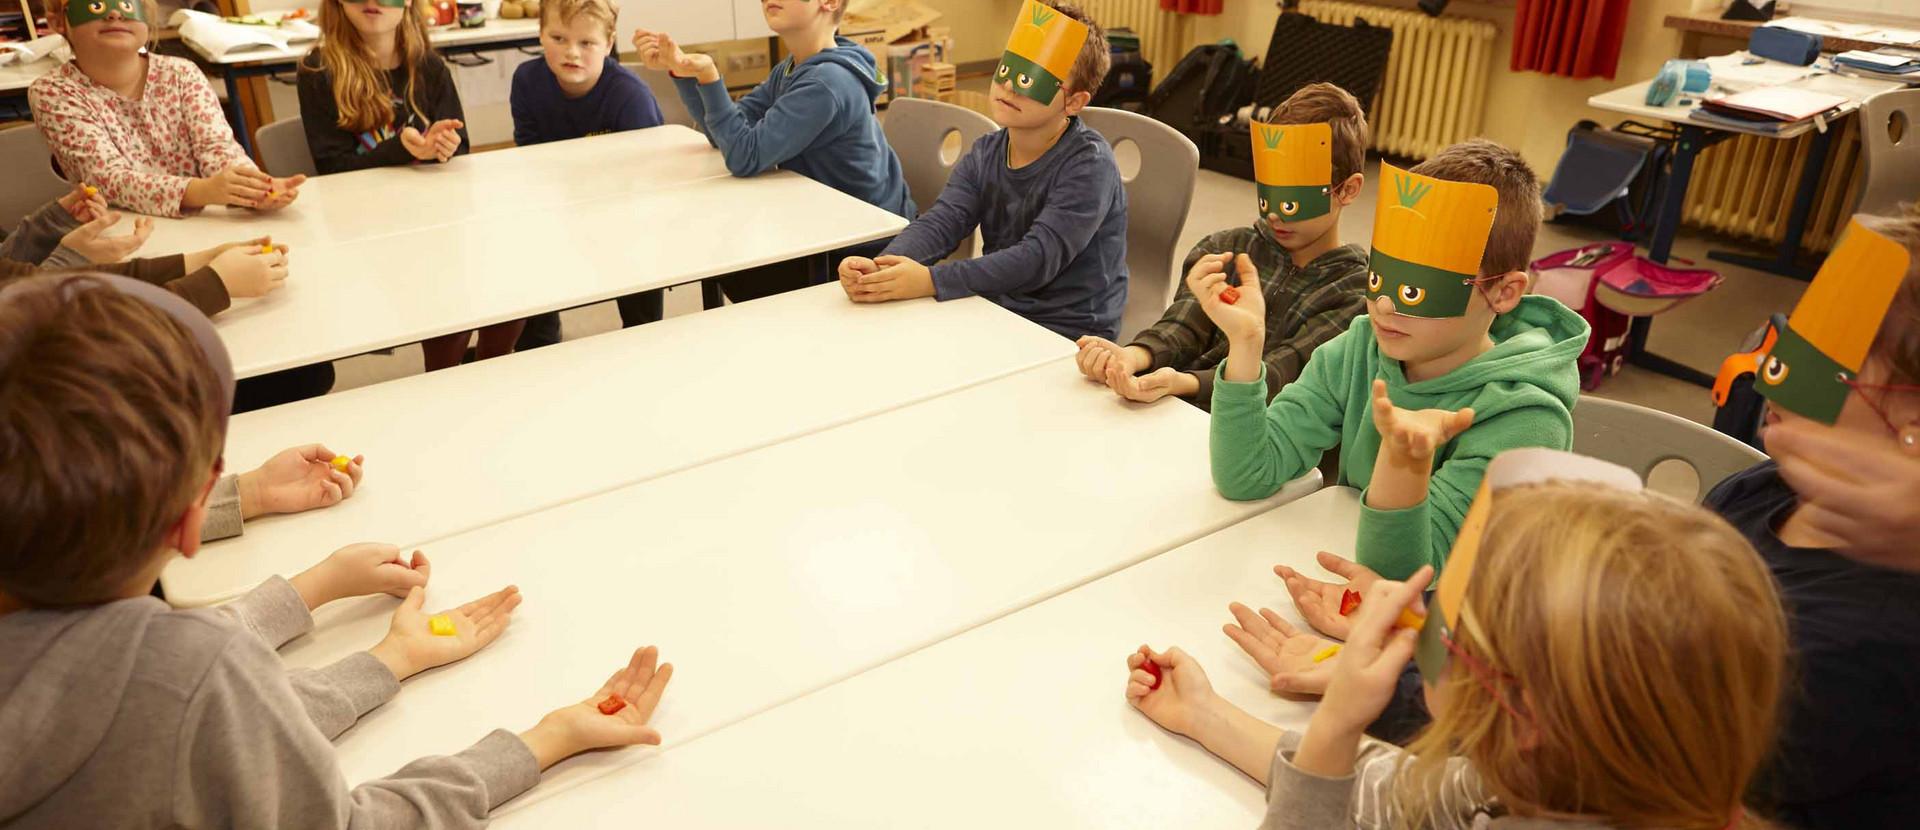 Kinder mit Masken sitzen an Tischen in der Schule und ertasten Lebensmittel